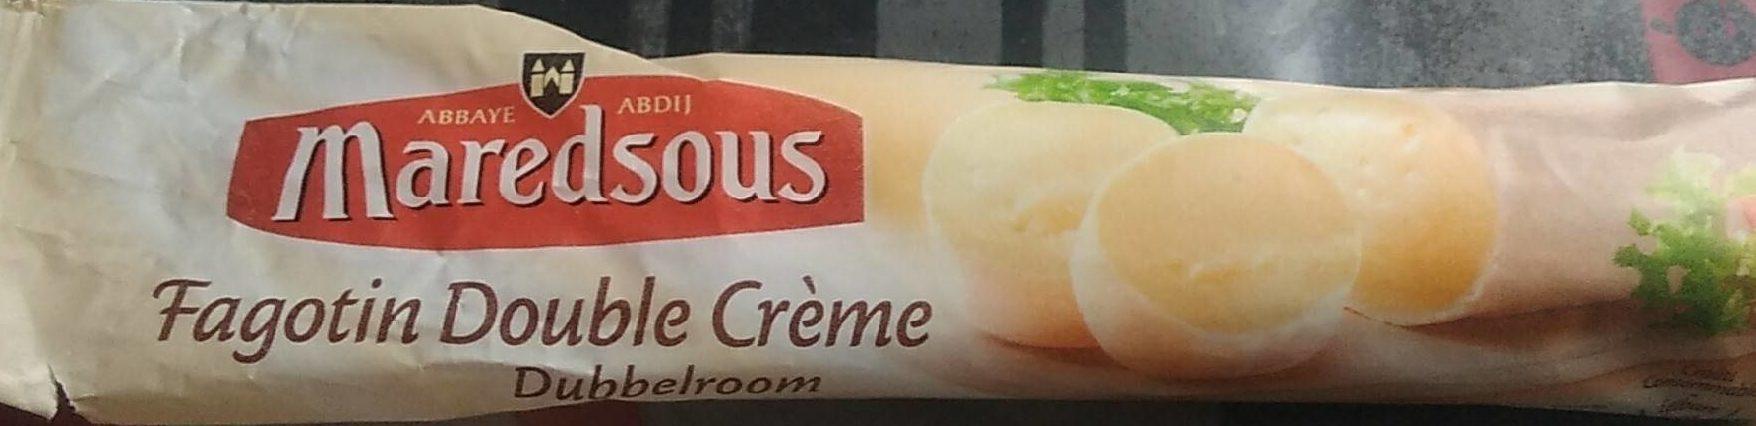 Fagotin Double Crème - Product